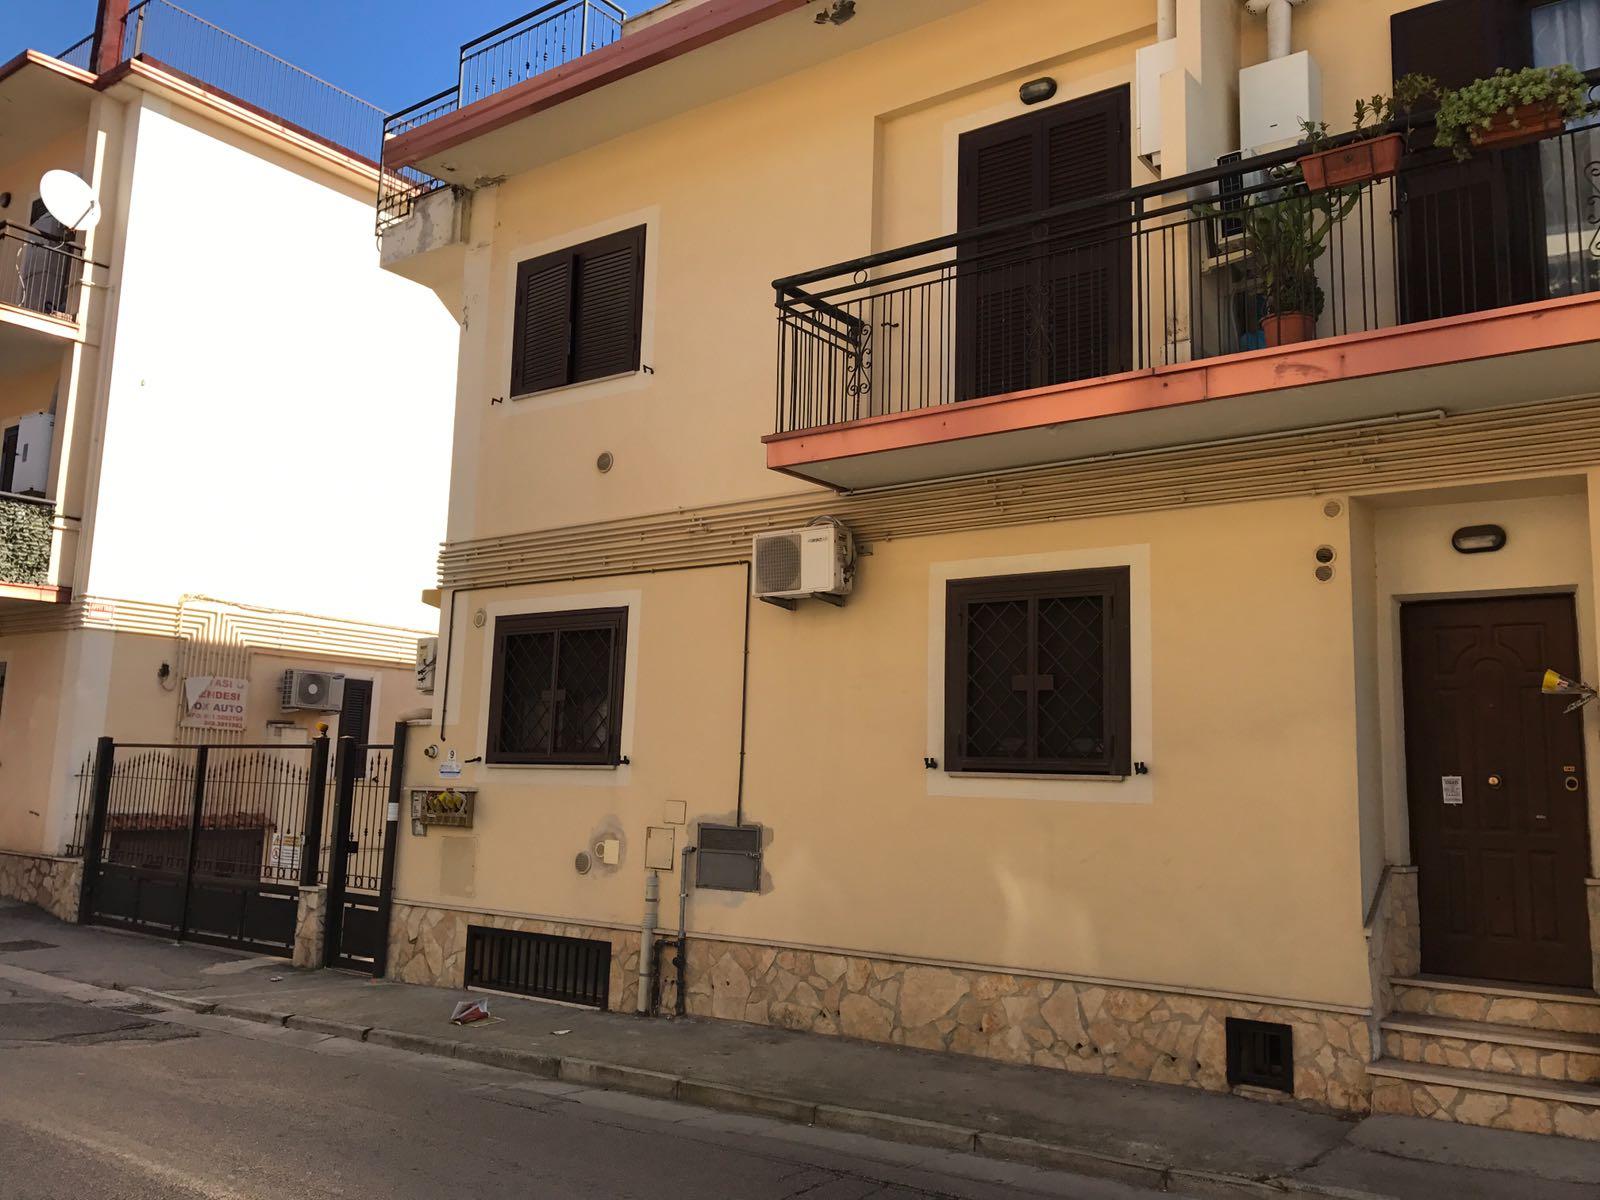 Appartamento in vendita a Caserta, 2 locali, zona Località: Acquaviva, prezzo € 90.000 | CambioCasa.it